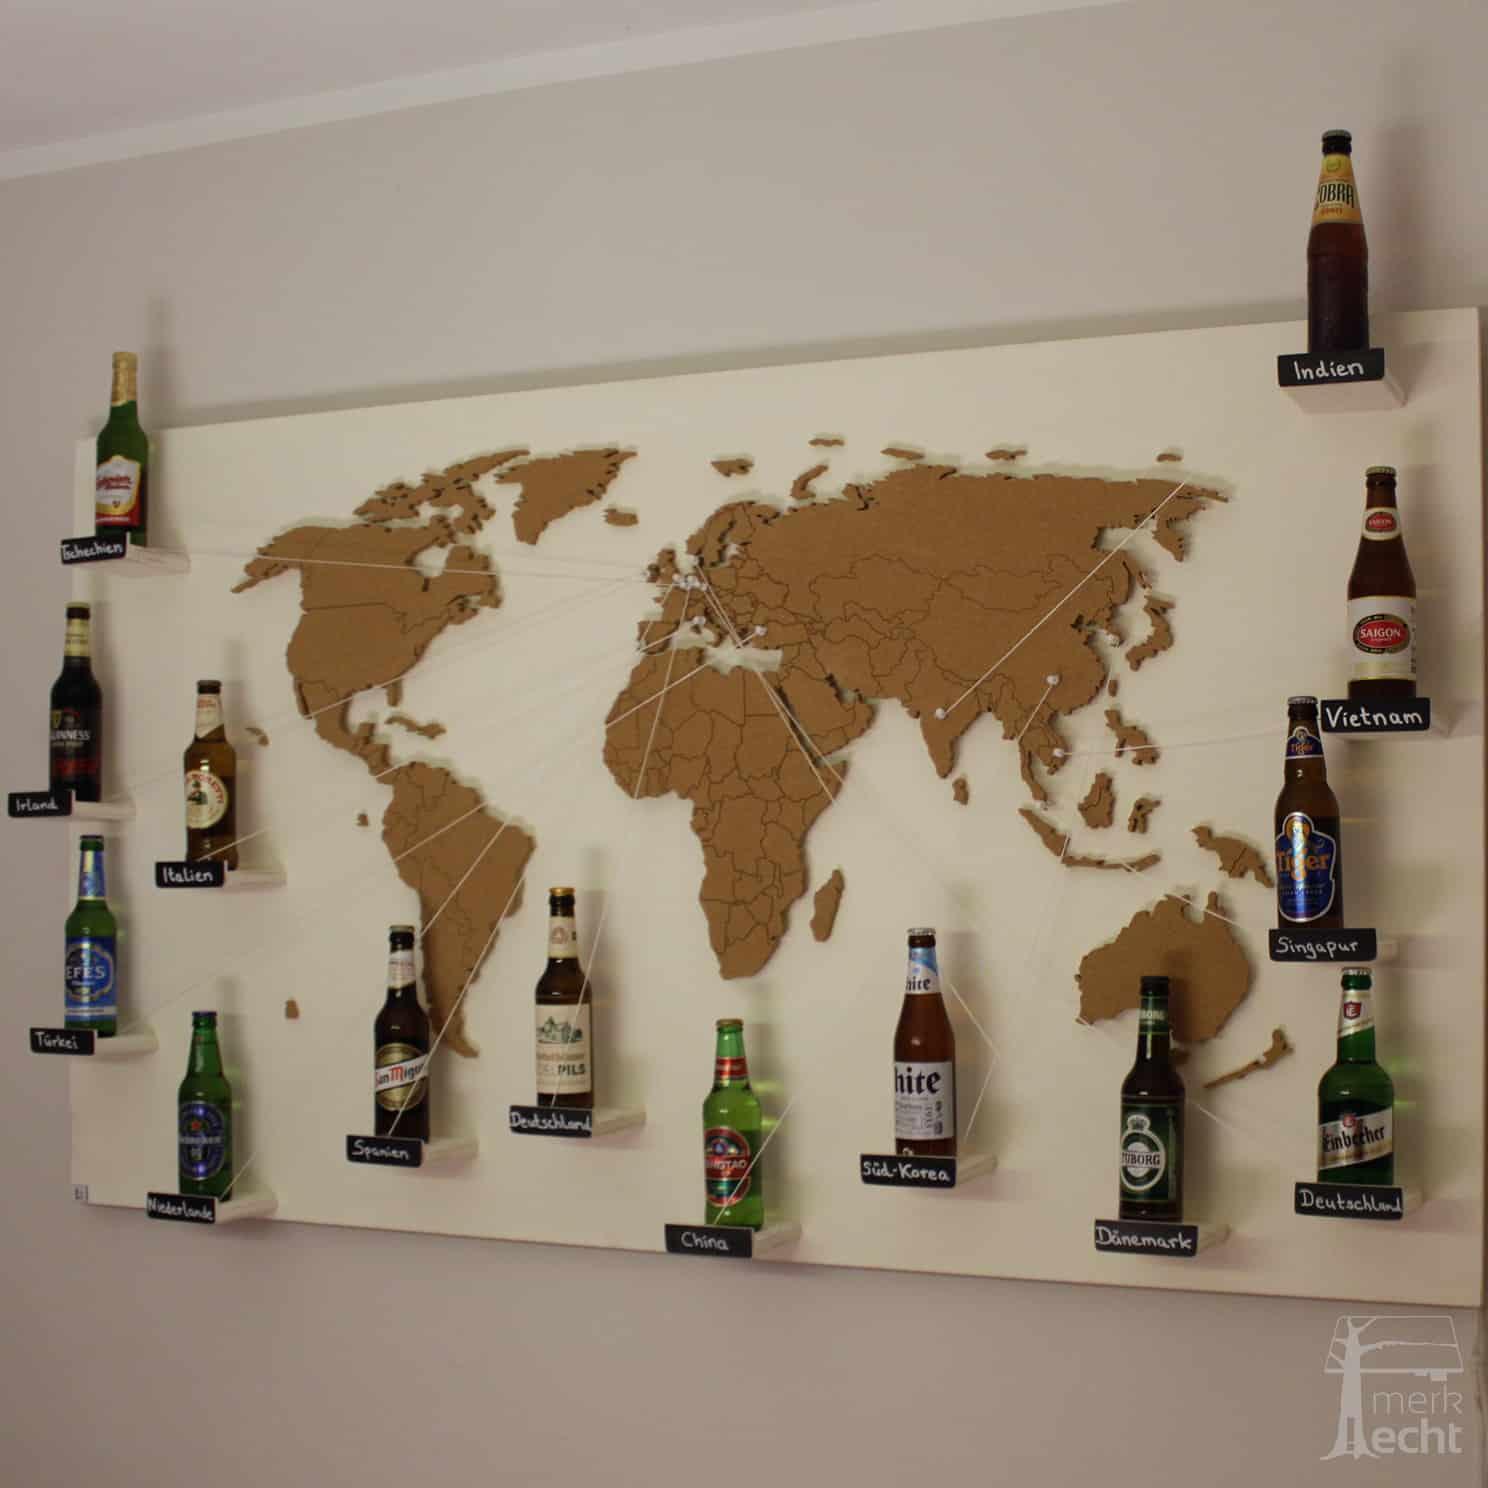 Weltkarte-Bier-Sonderanfertigung-Wandbild-Beleuchtet-WeißesKontinente-Holz-Welt-Karte-XXL-WelkartenAusHolz-WeißeKontinente-KontinenteHolz